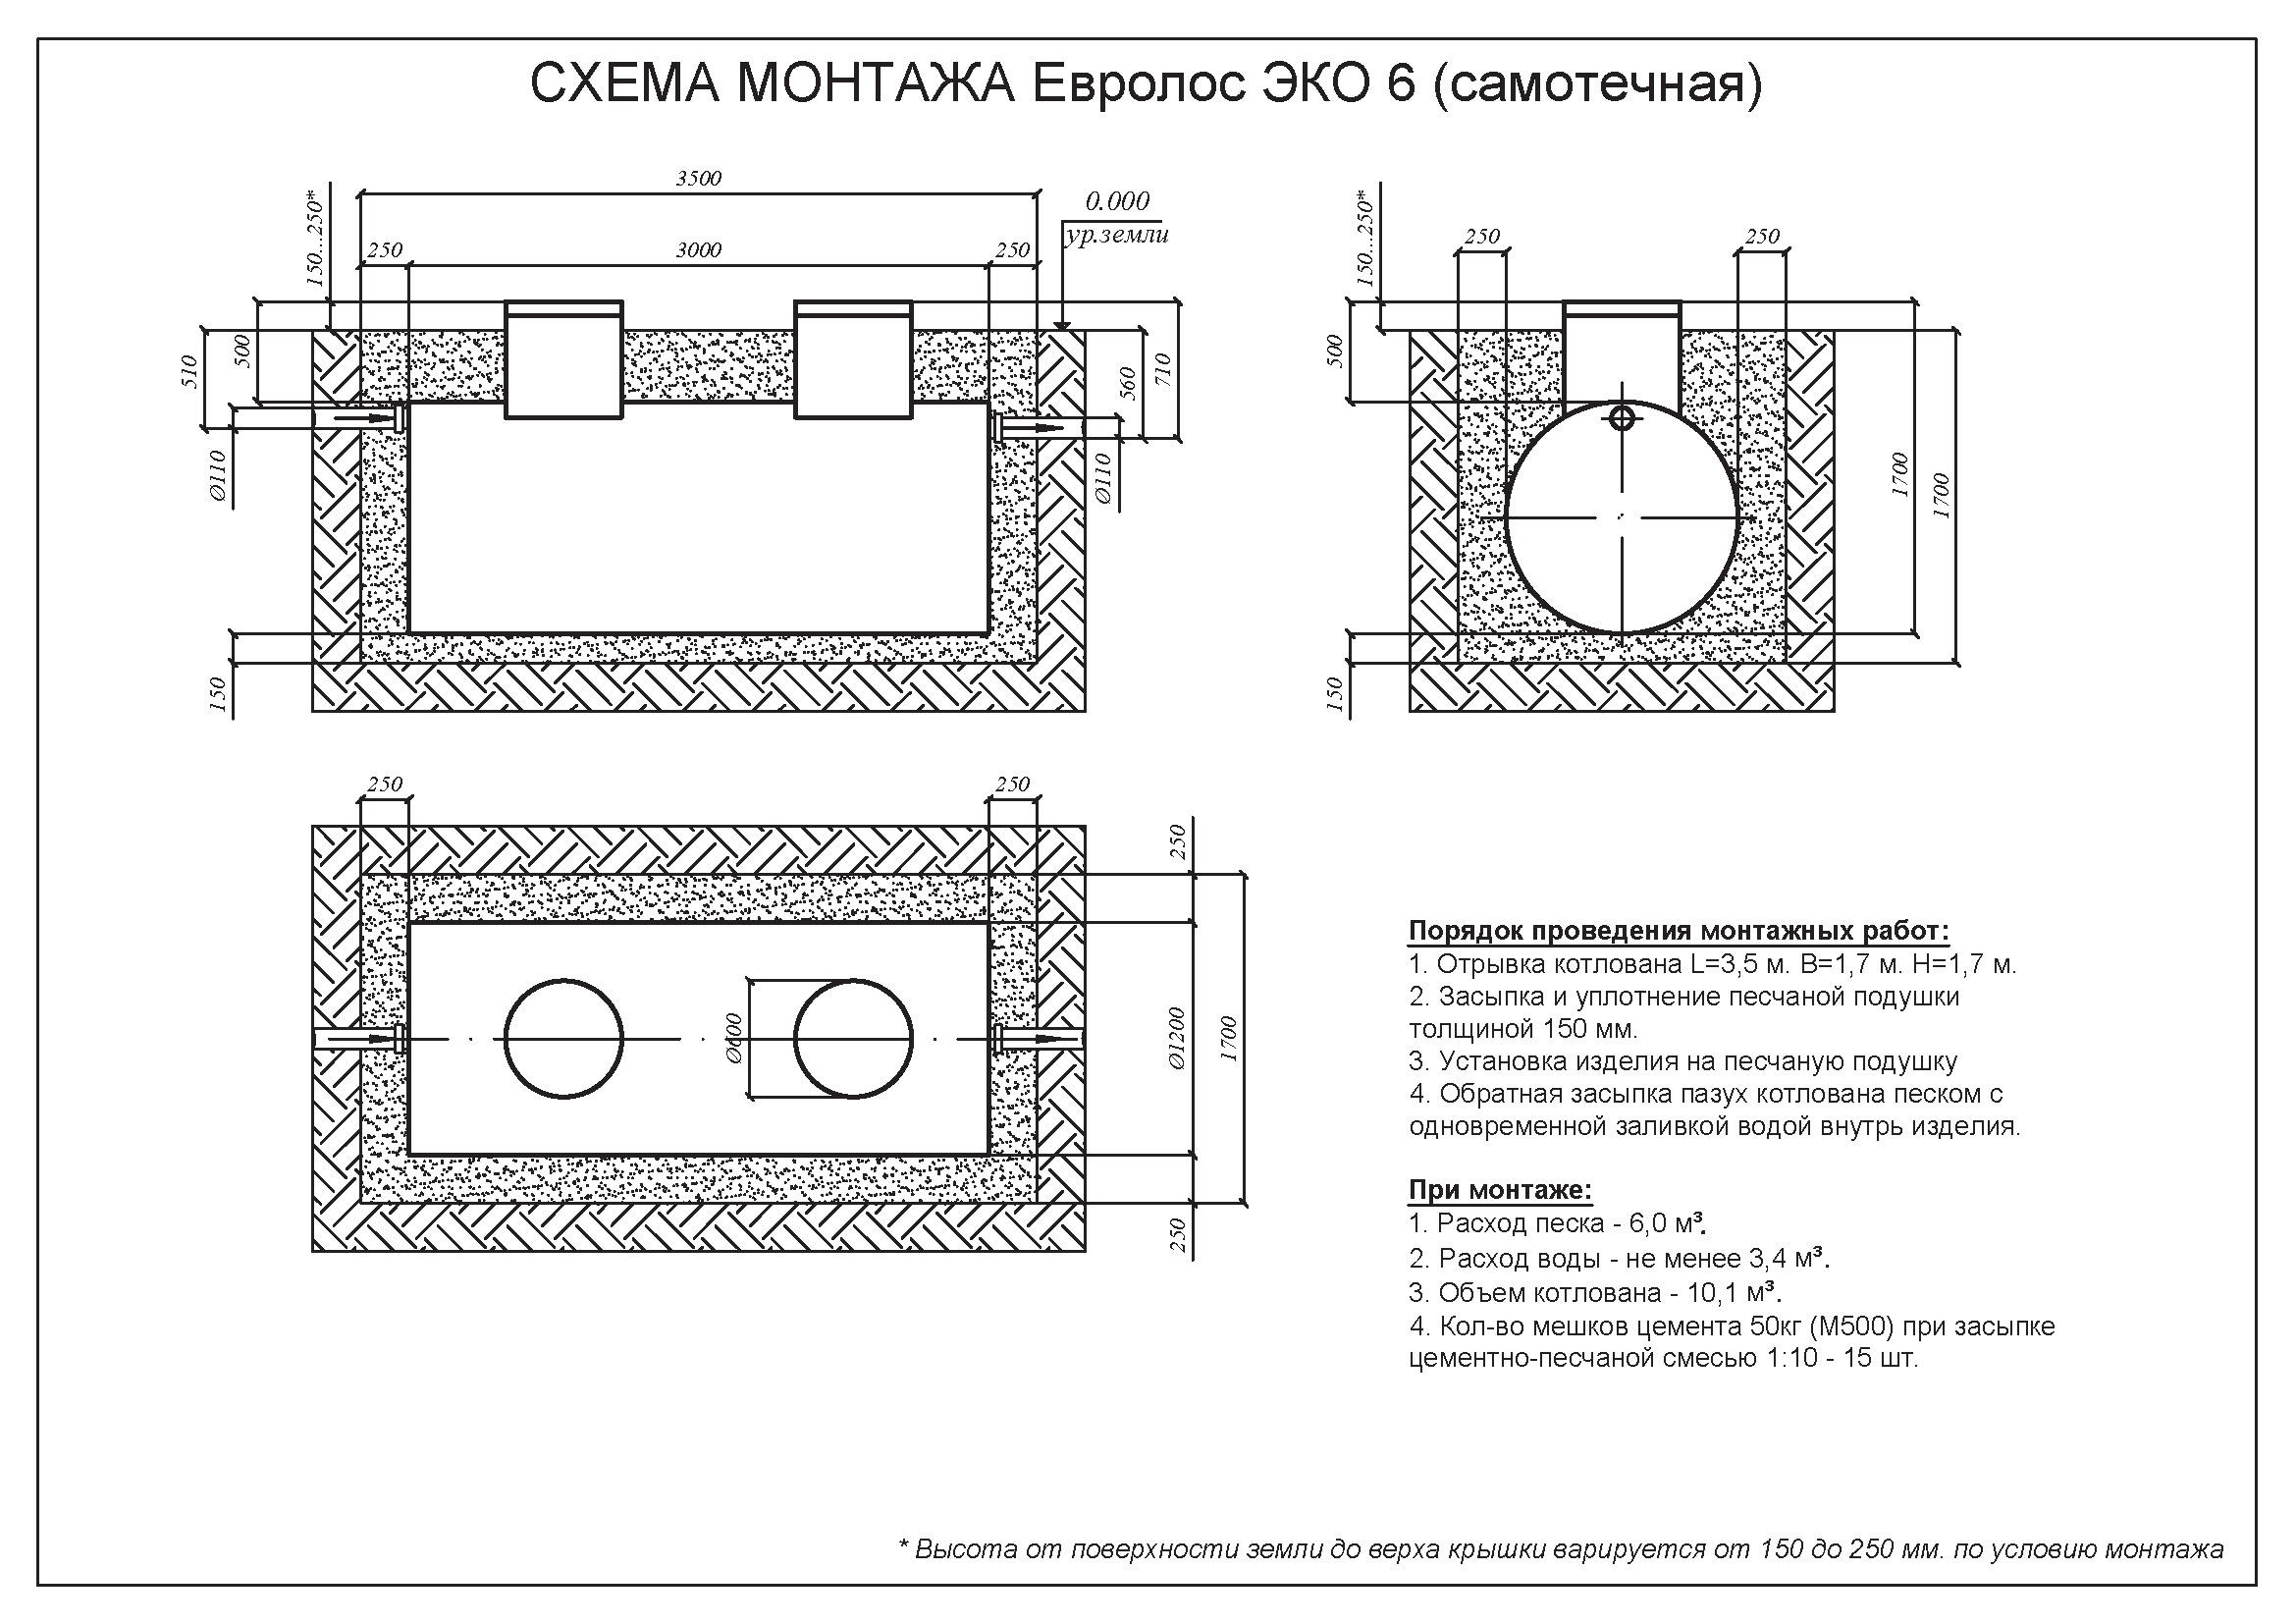 Монтажные схемы Евролос Эко_Страница_4